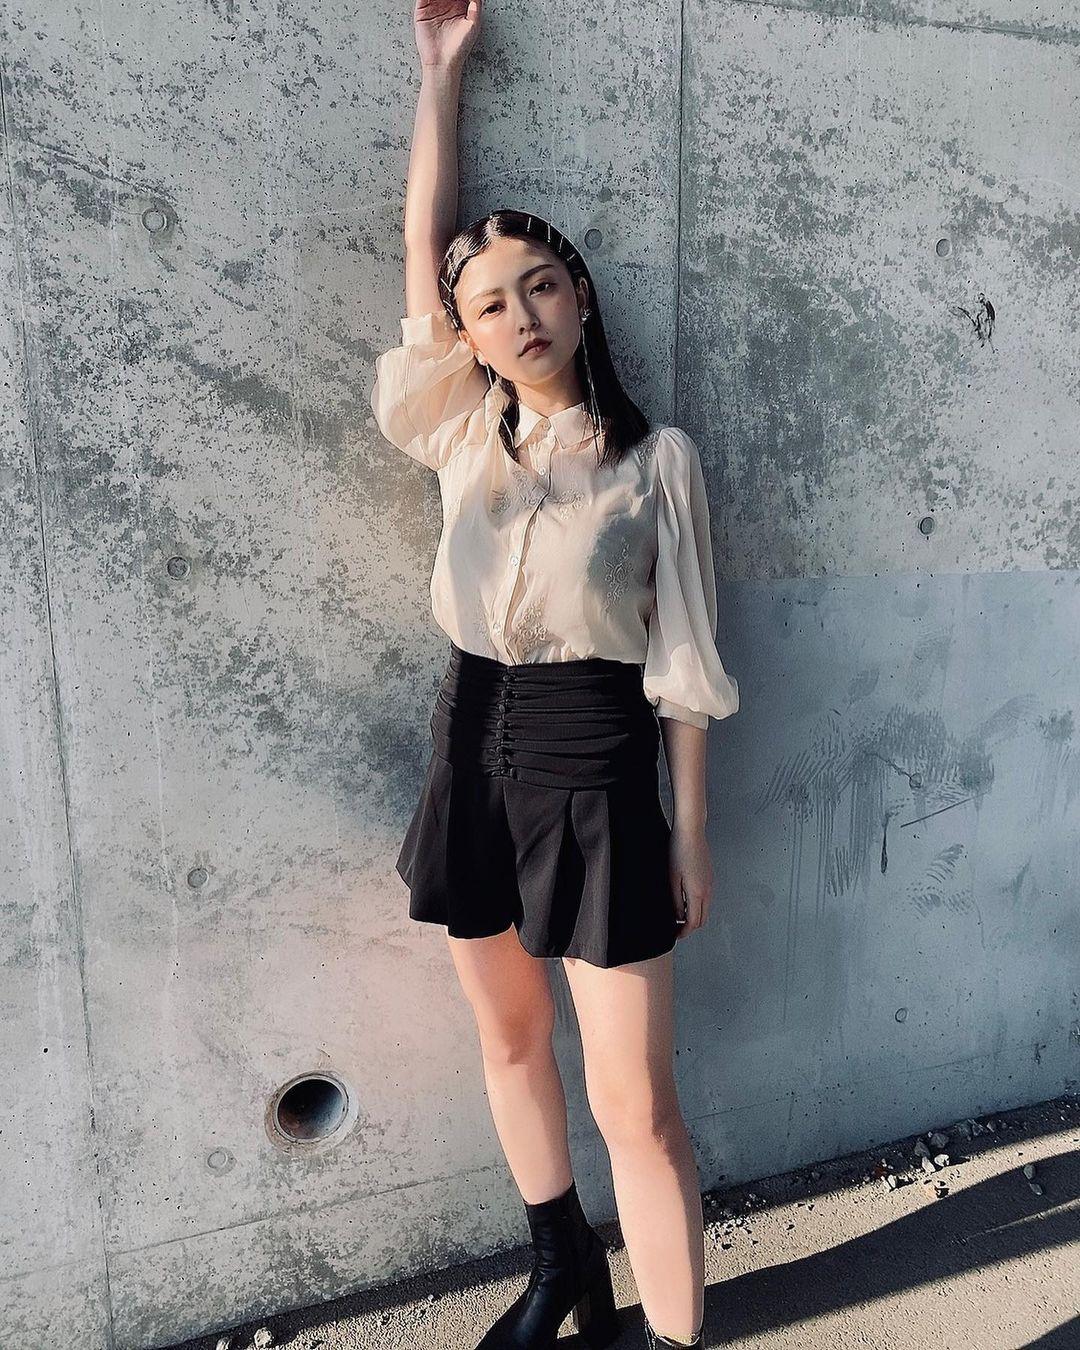 今年刚高中毕业 18 岁美少女樱井音乃身材整个无敌 网络美女 第22张